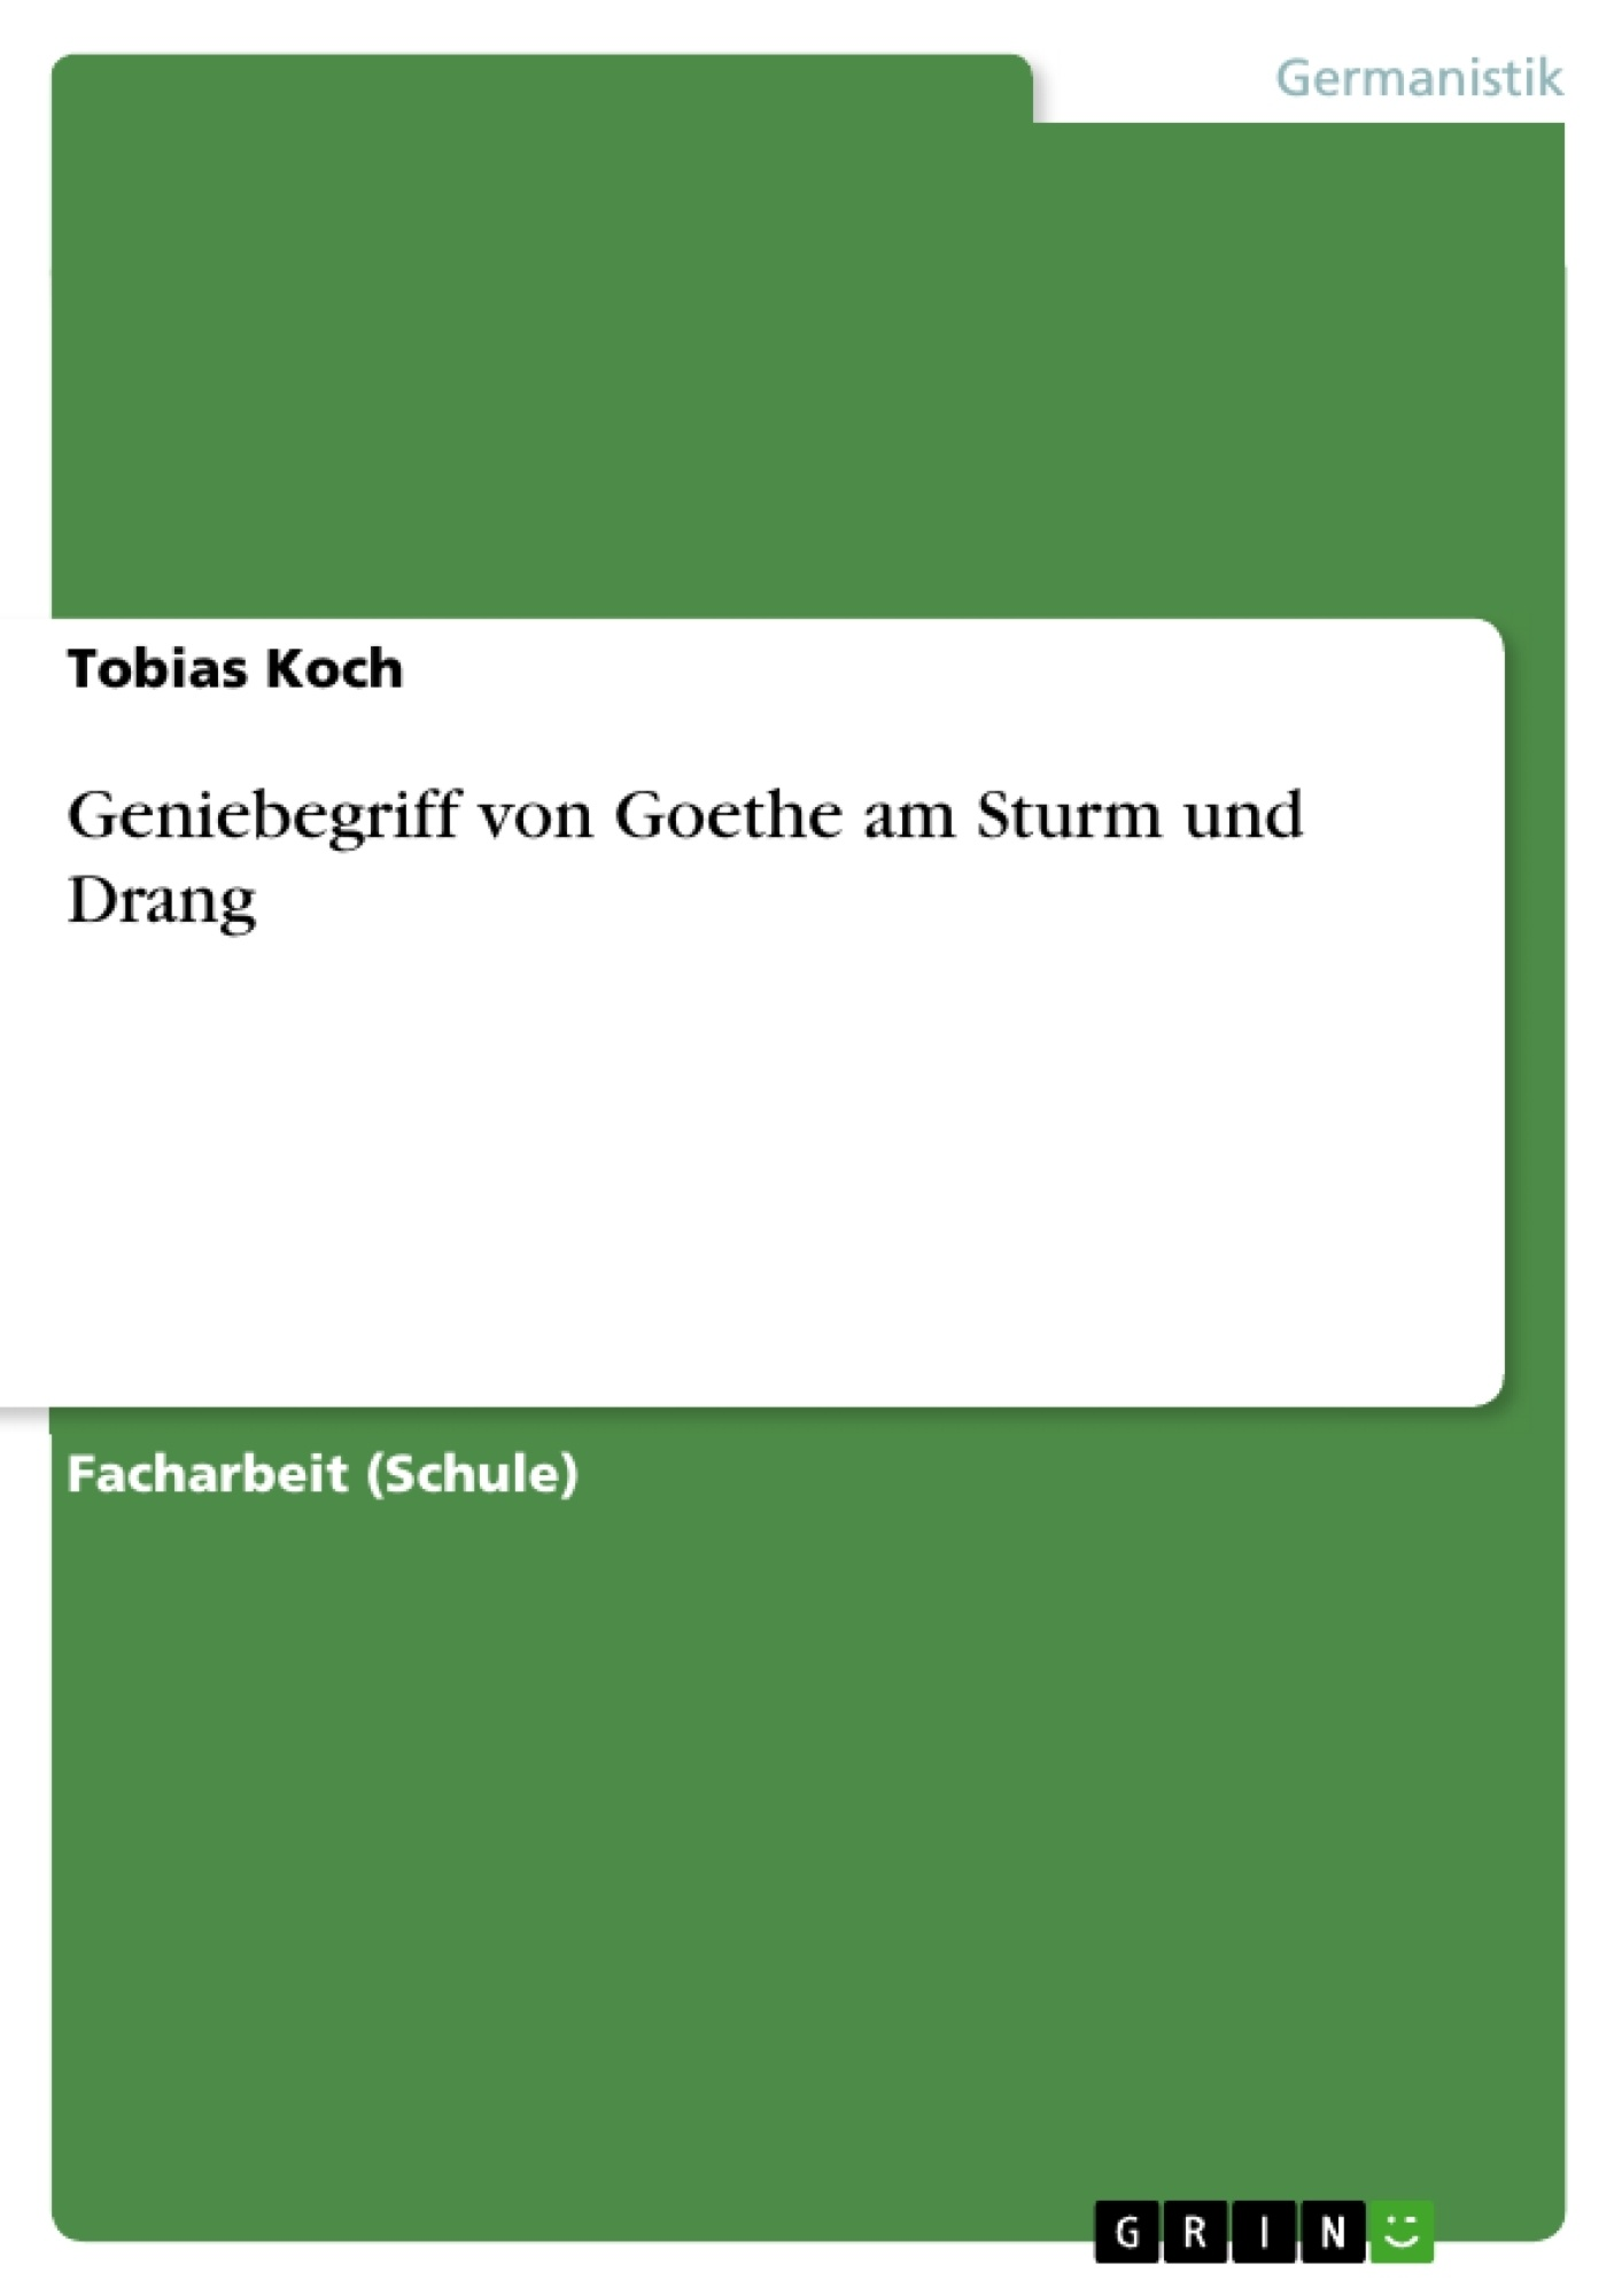 Titel: Geniebegriff von Goethe am Sturm und Drang